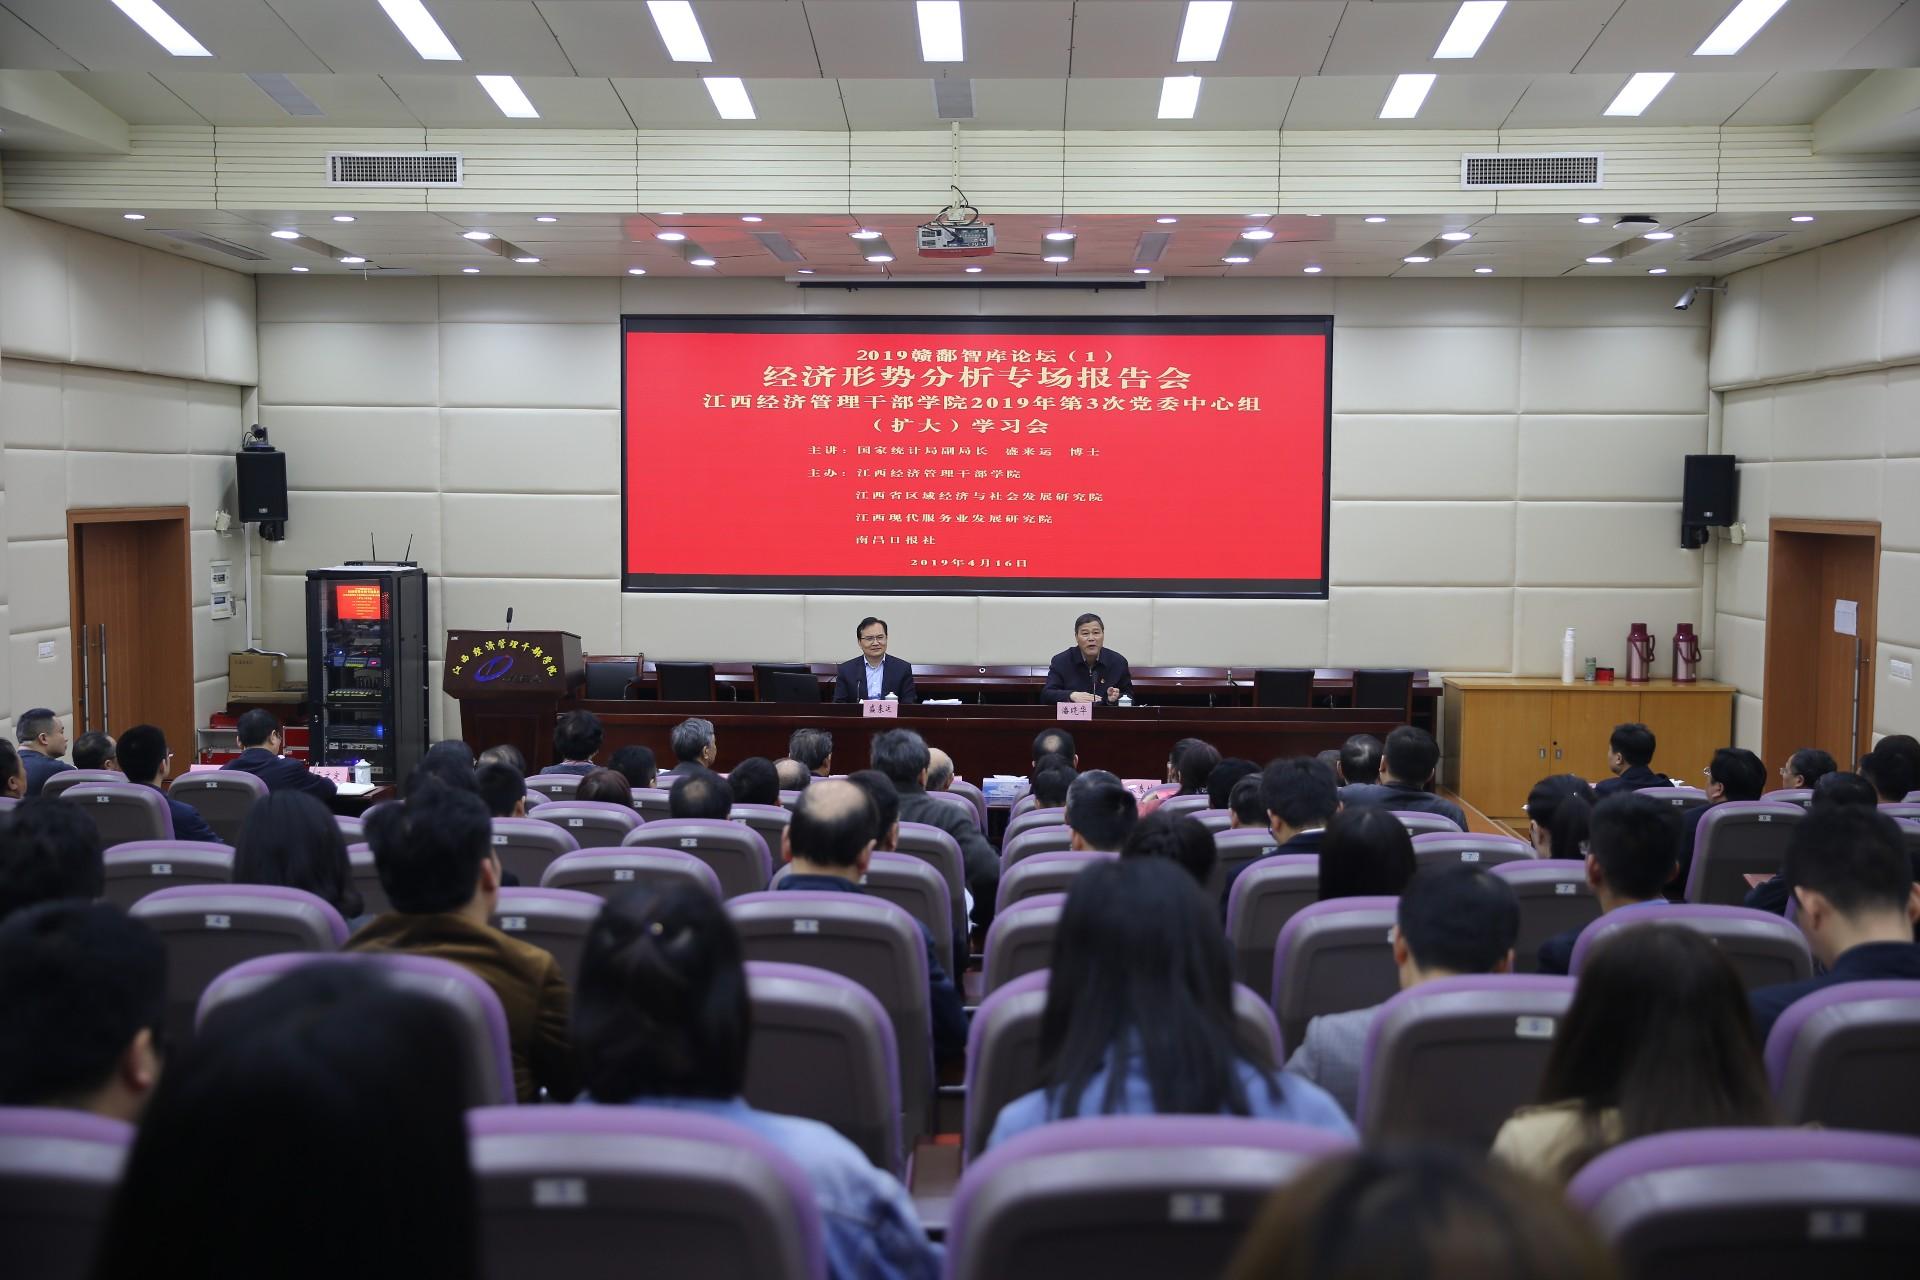 我院發起舉辦2019年首期《贛鄱智庫論壇》——專場經濟形勢報告會